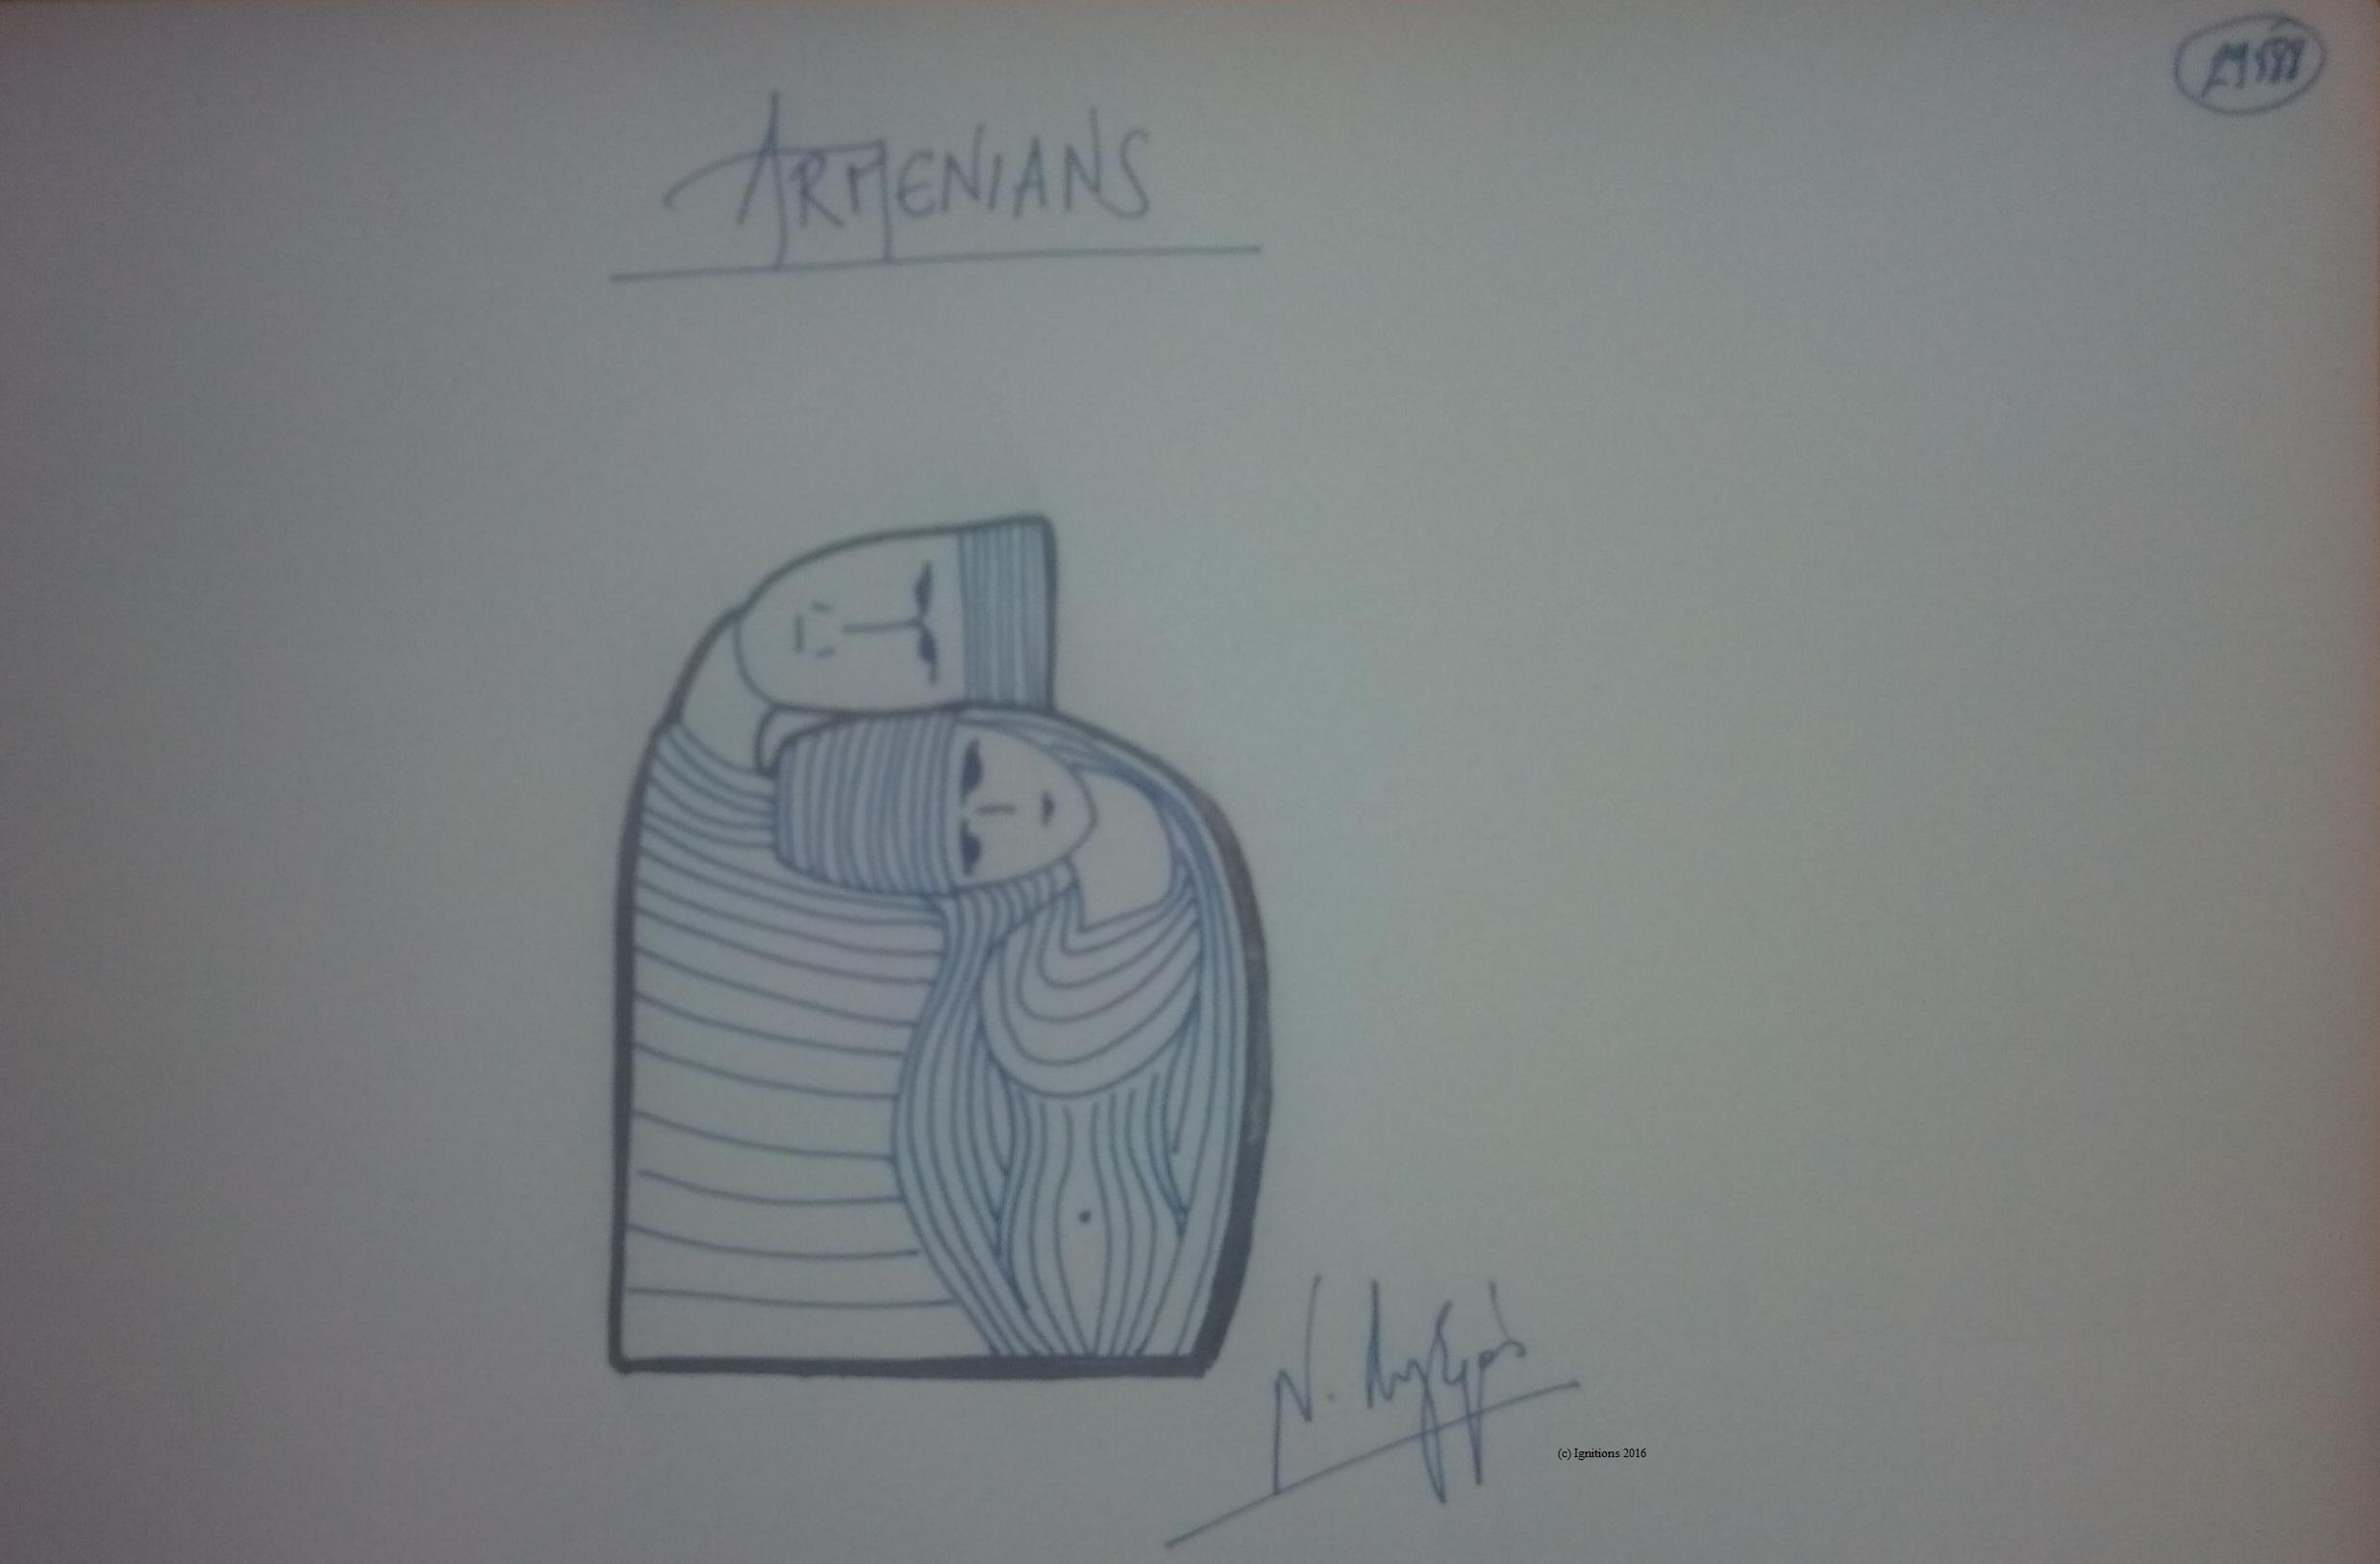 ARMENIANS. (Dessin au feutre).